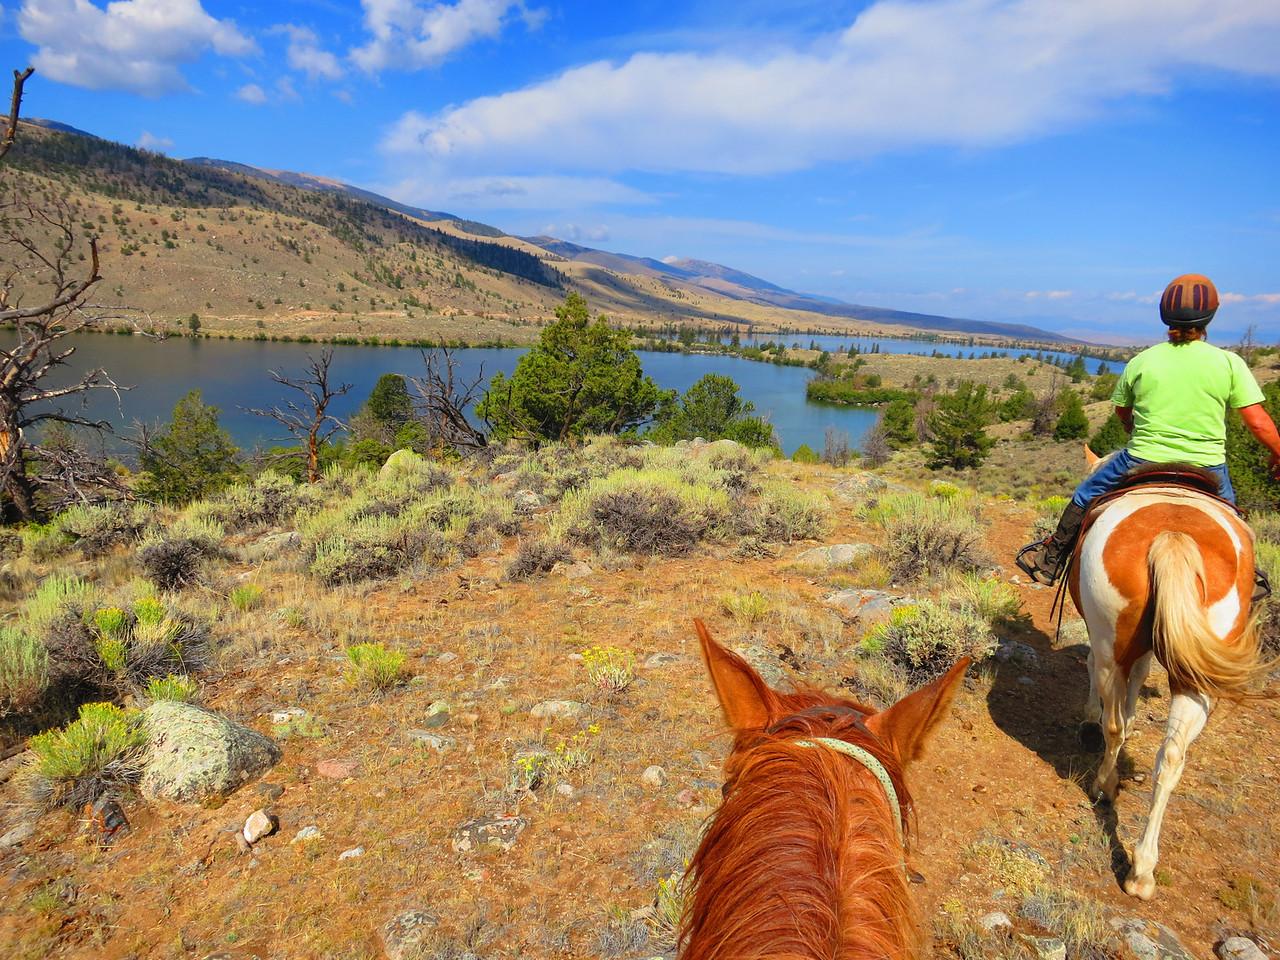 Approaching Ring Lake, Torrey Lake farther on.